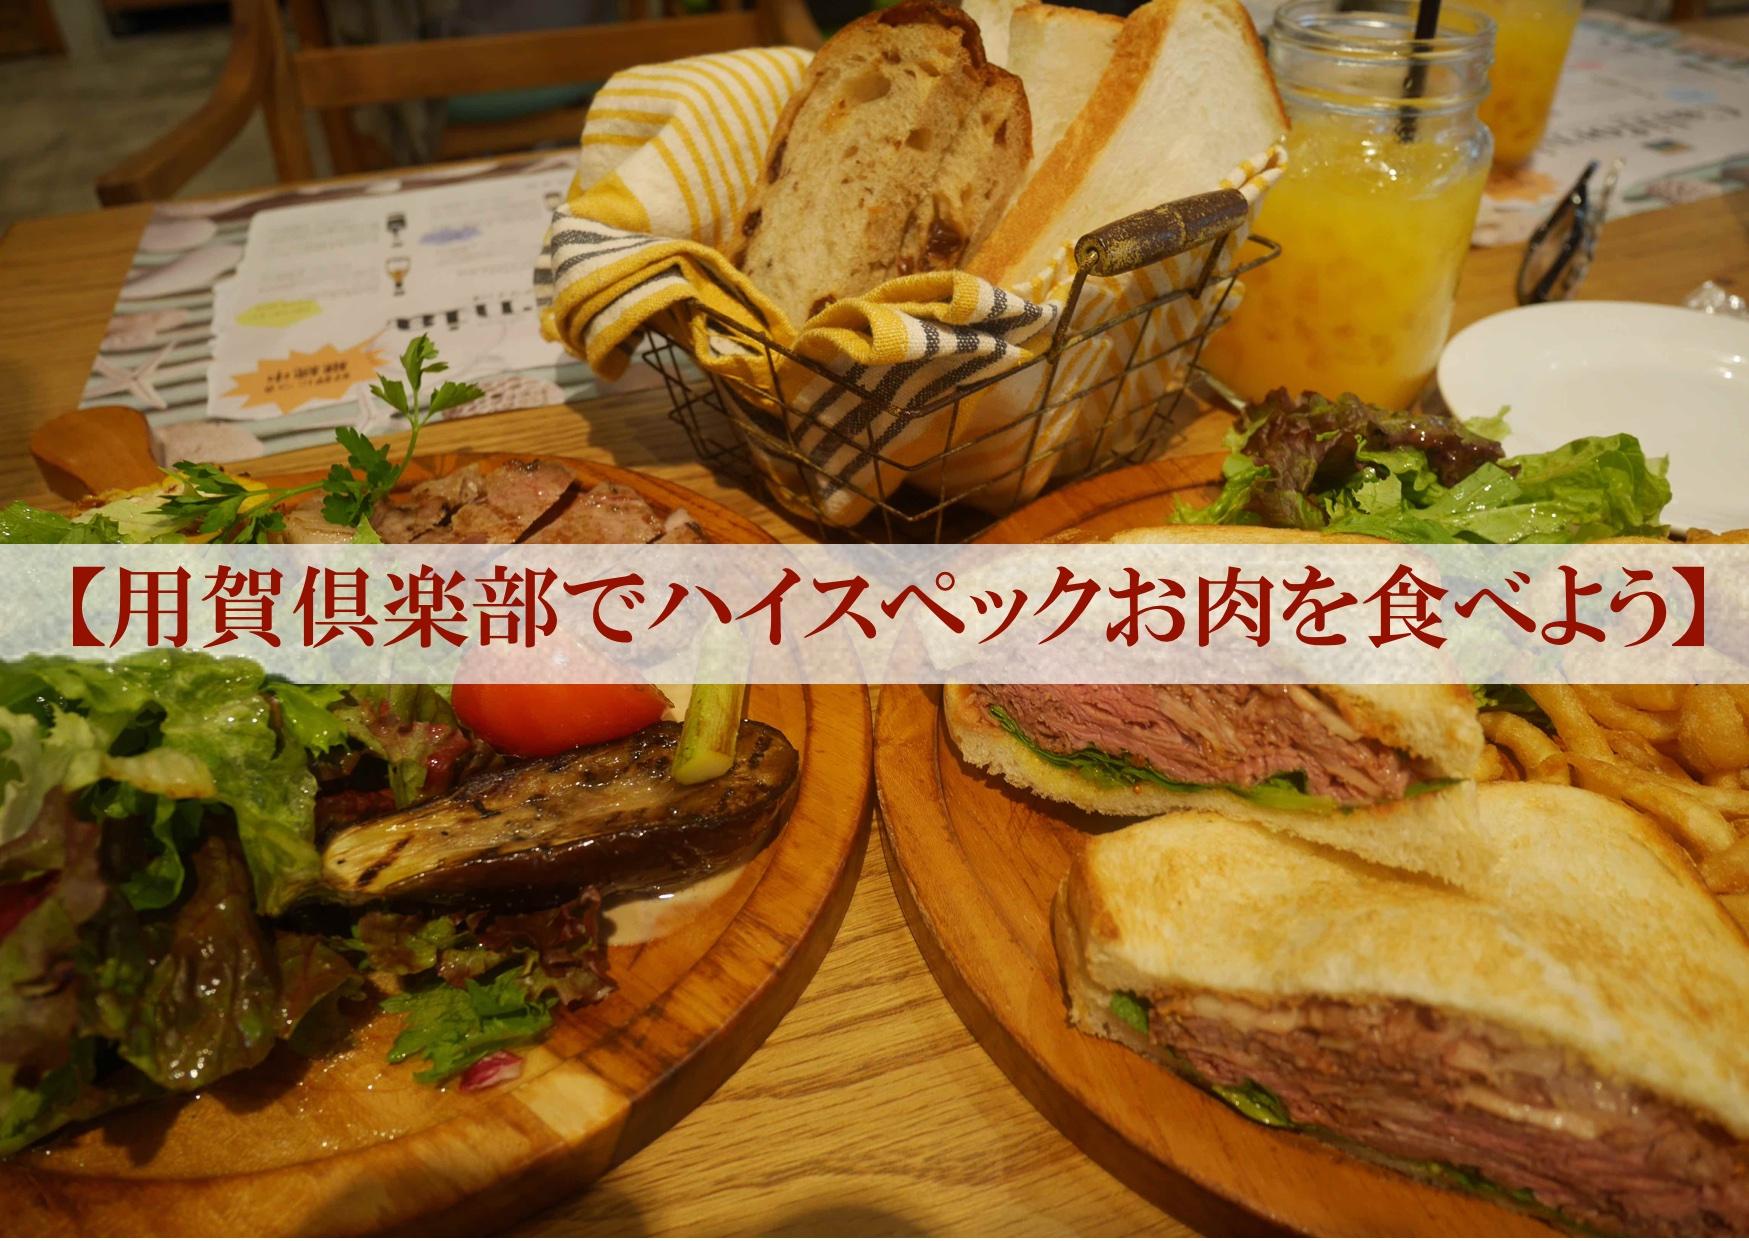 【用賀倶楽部でハイスペックお肉を食べよう】